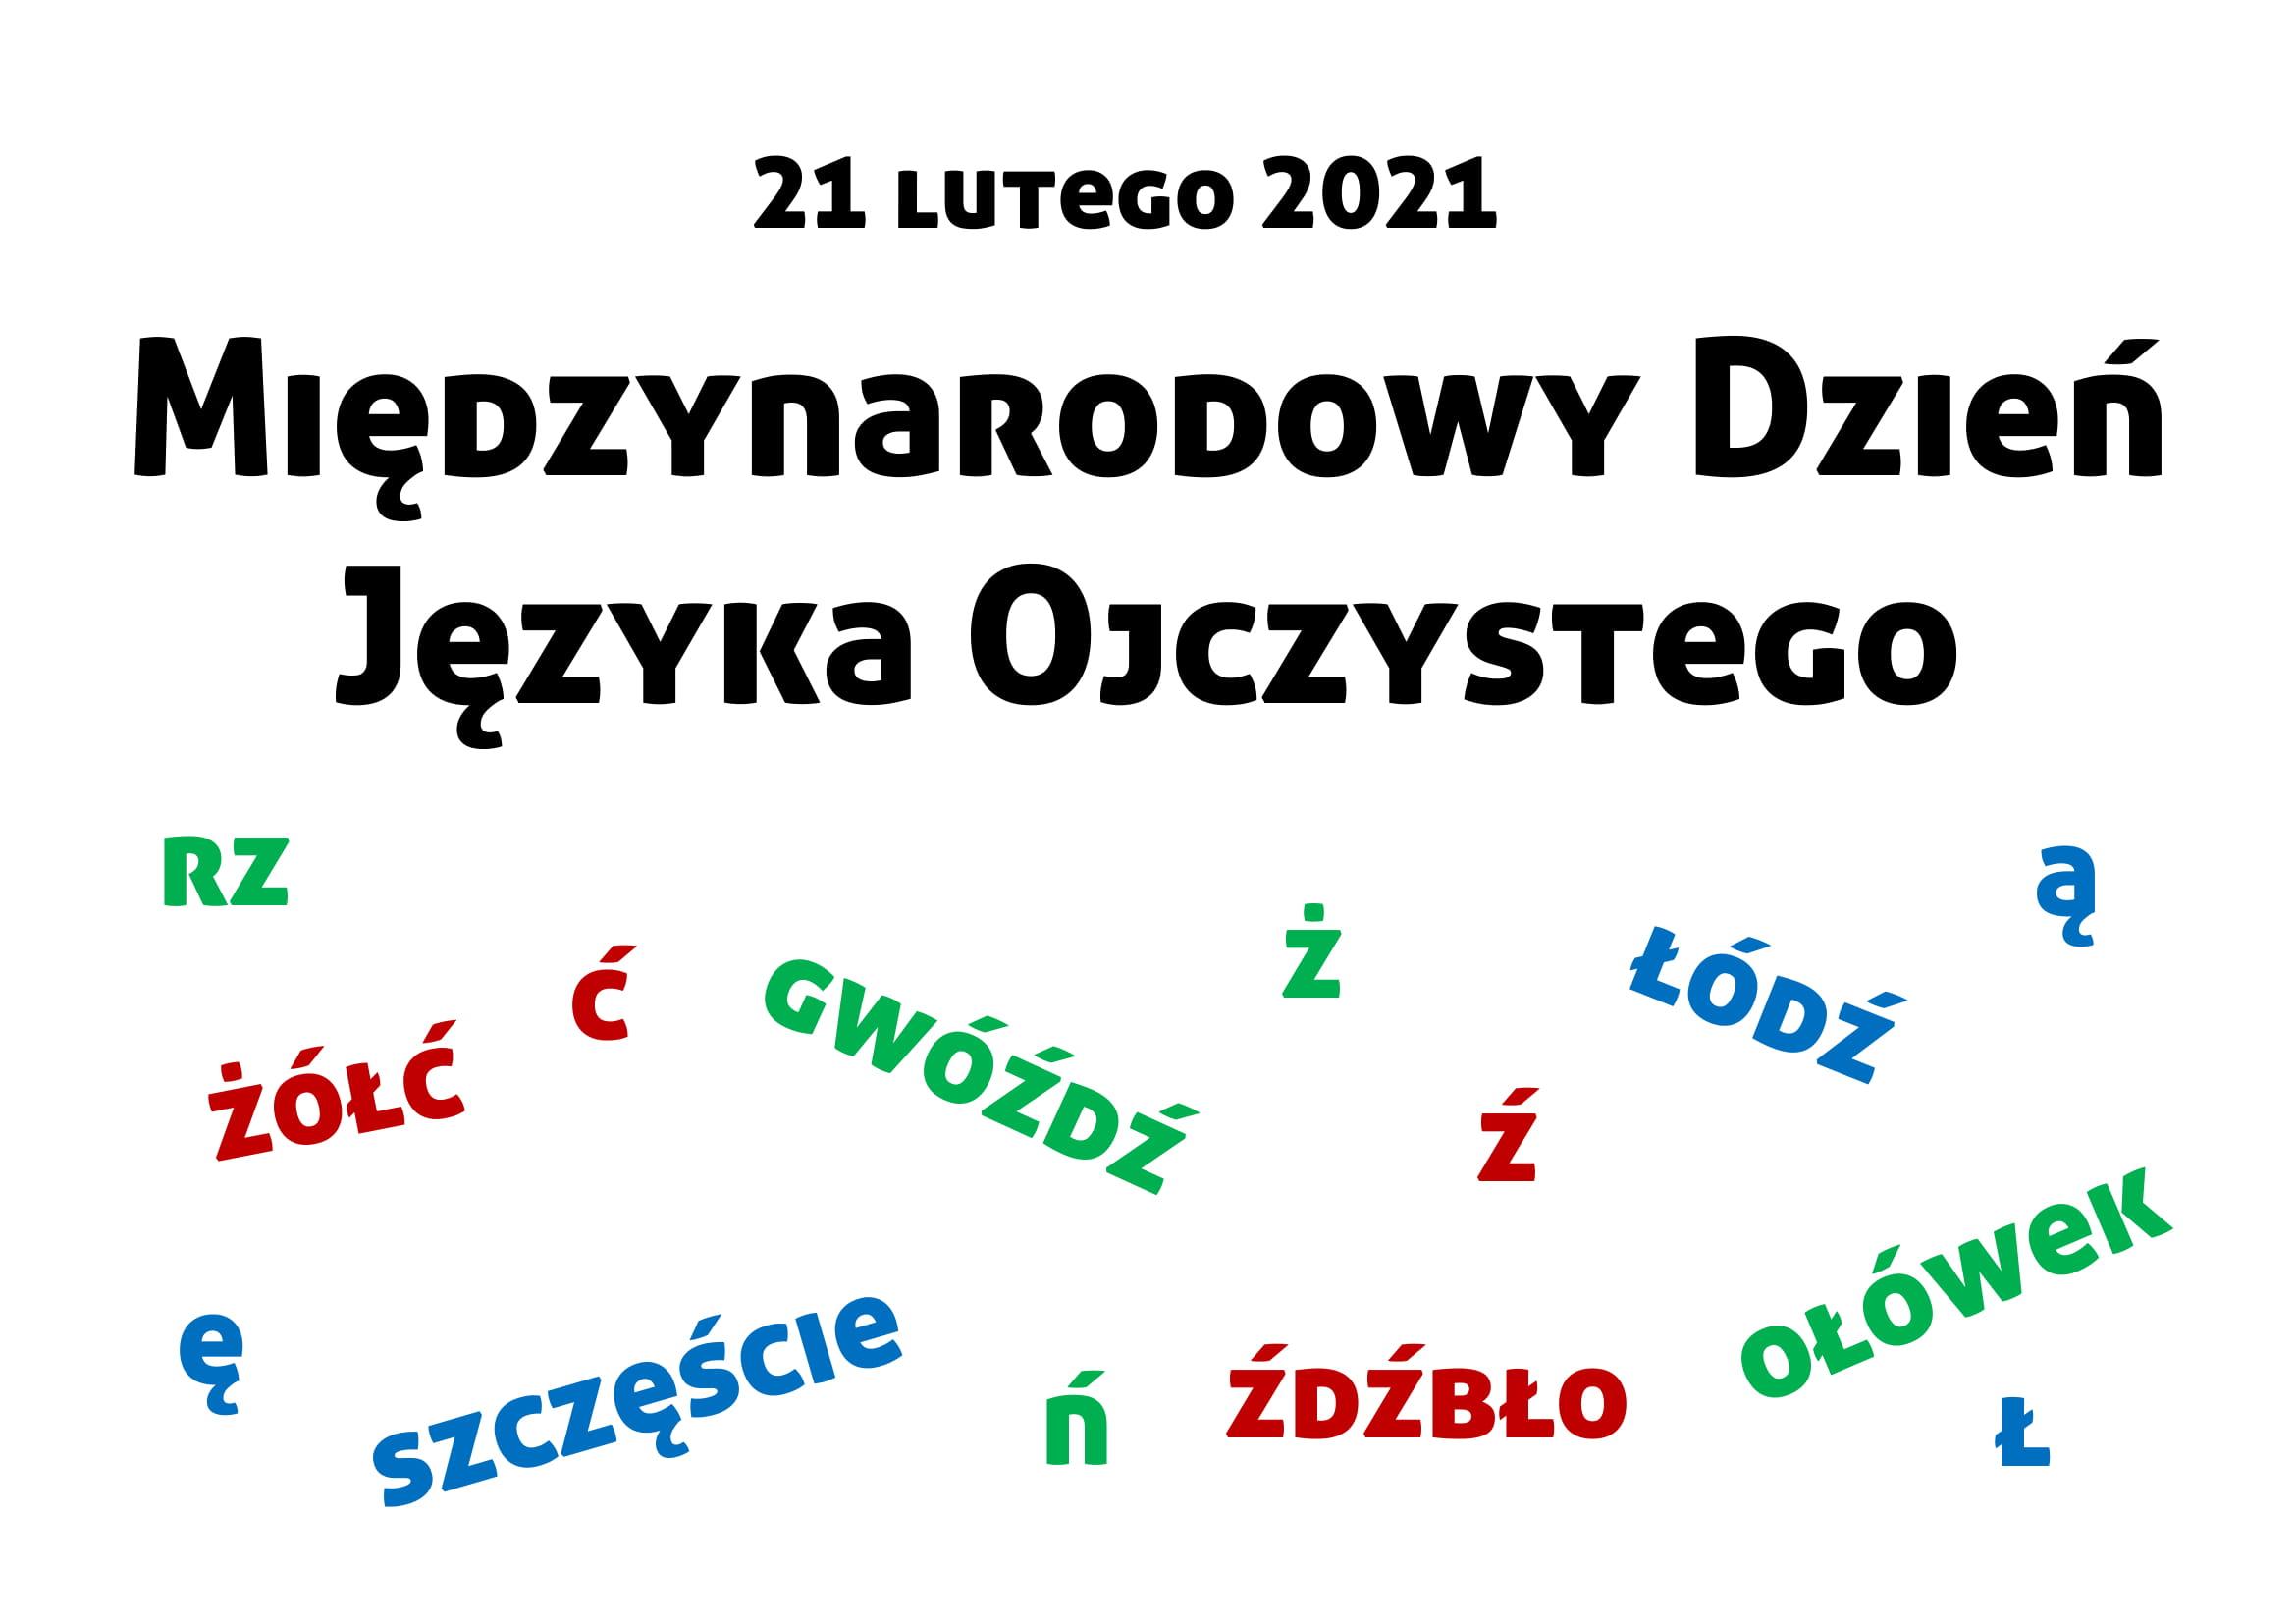 Międzynarodowy Dzień Języka Ojczystego, literki, napis